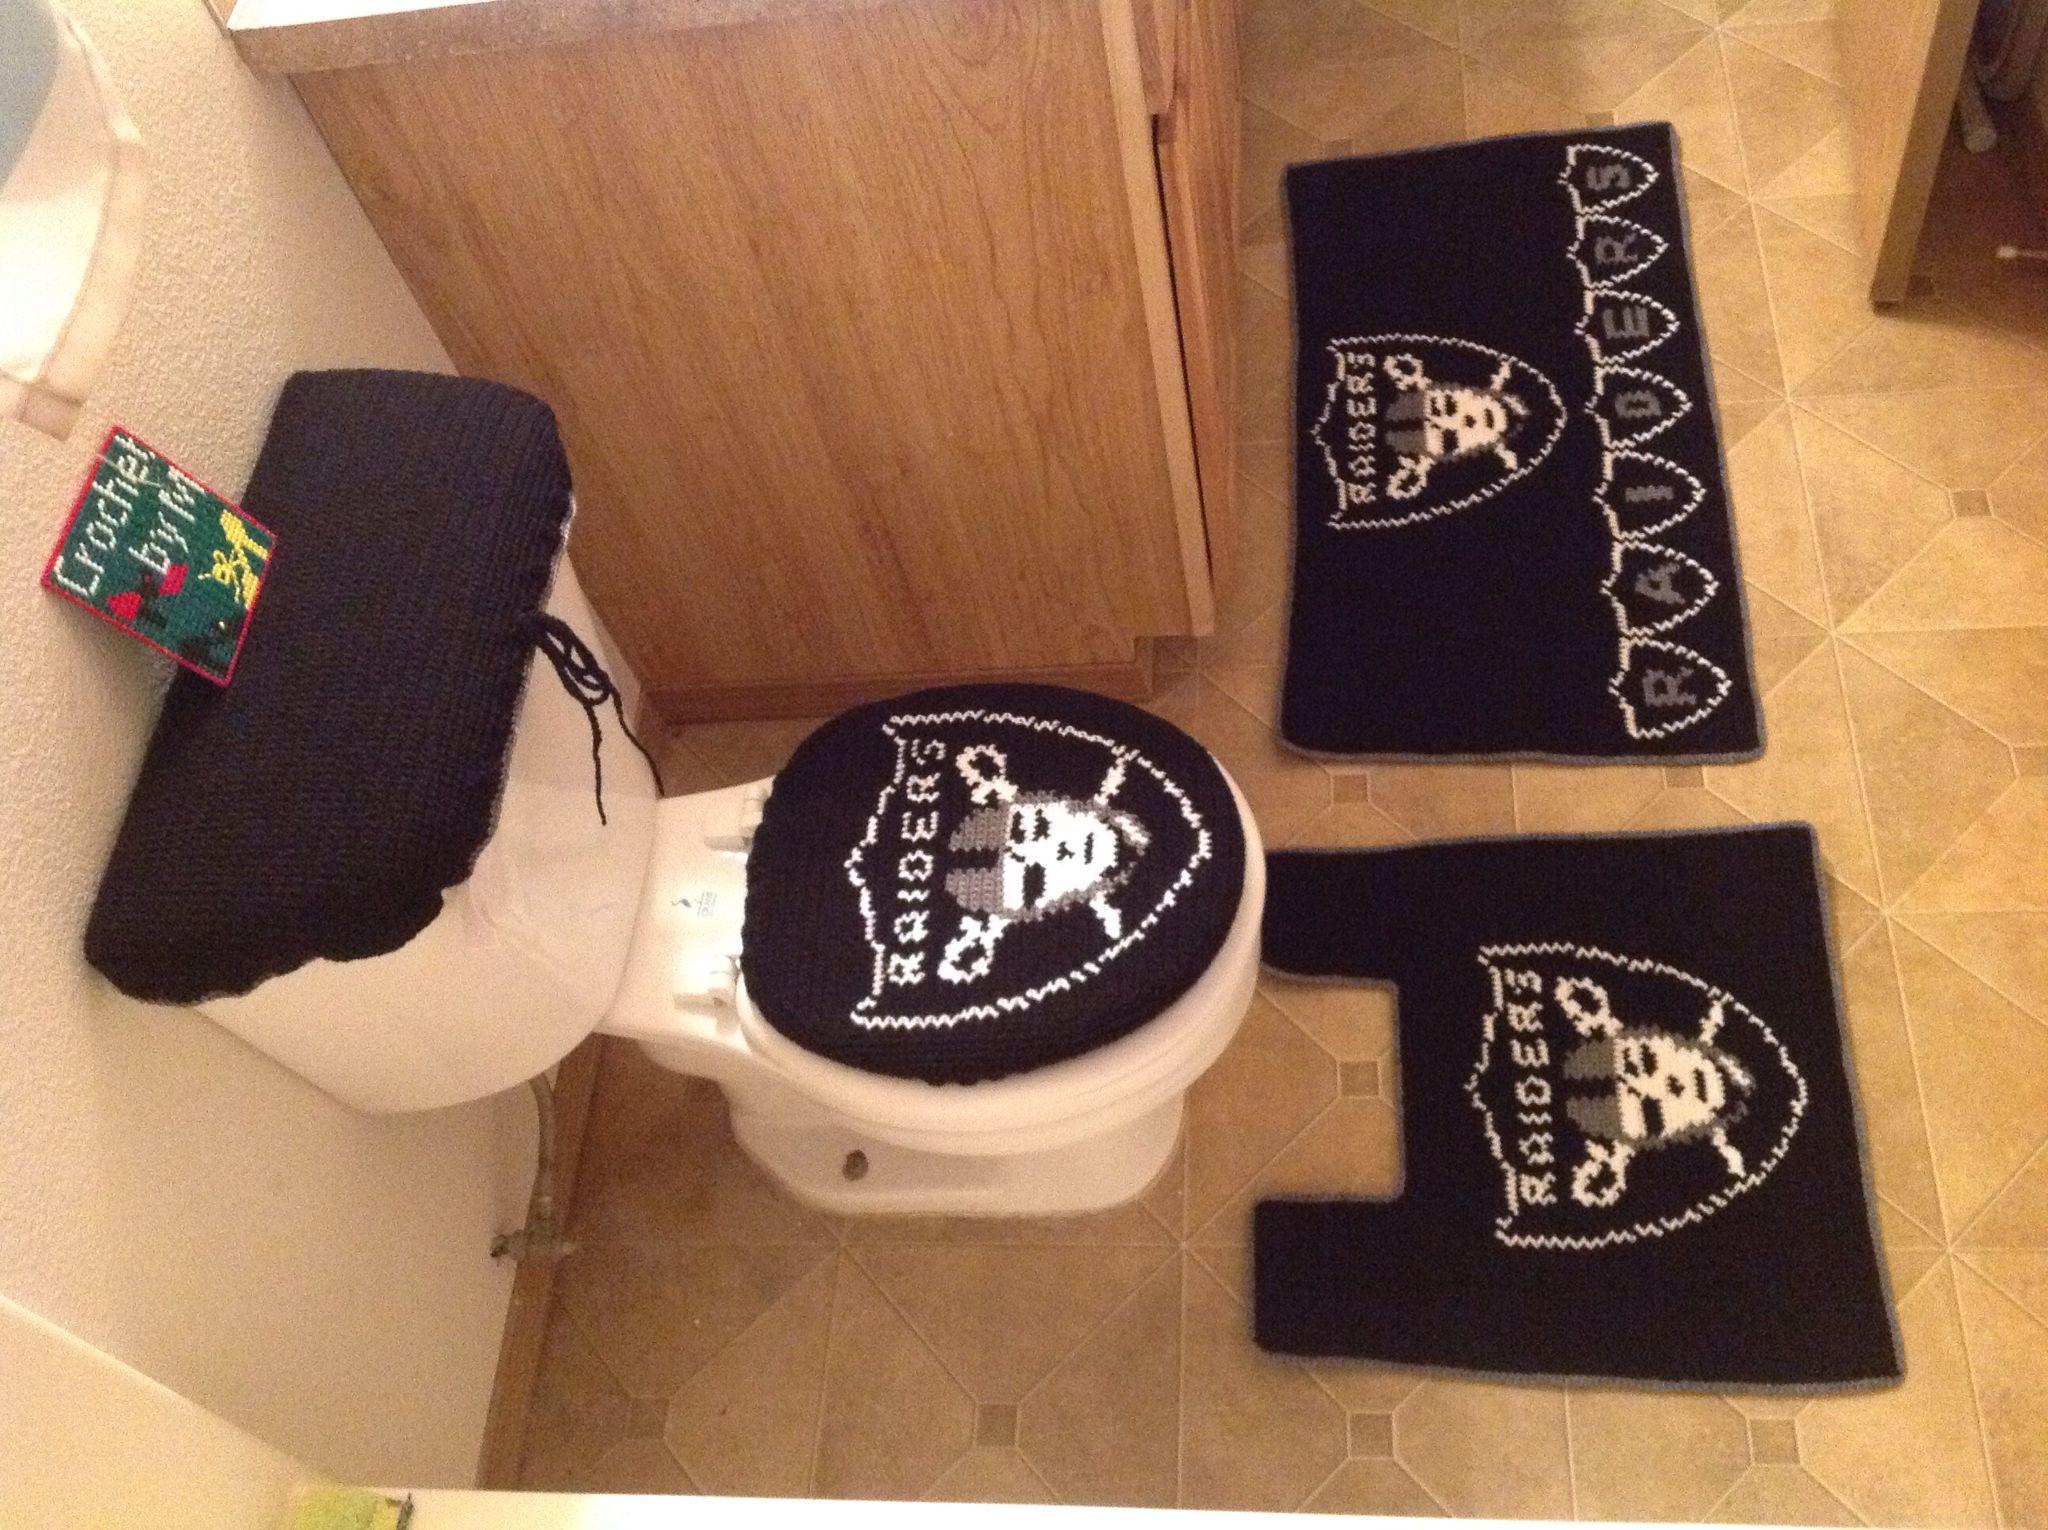 Crochet Raiders bathroom set  Crochet by me M. Crochet Raiders bathroom set  Crochet by me M    Bathroom sets